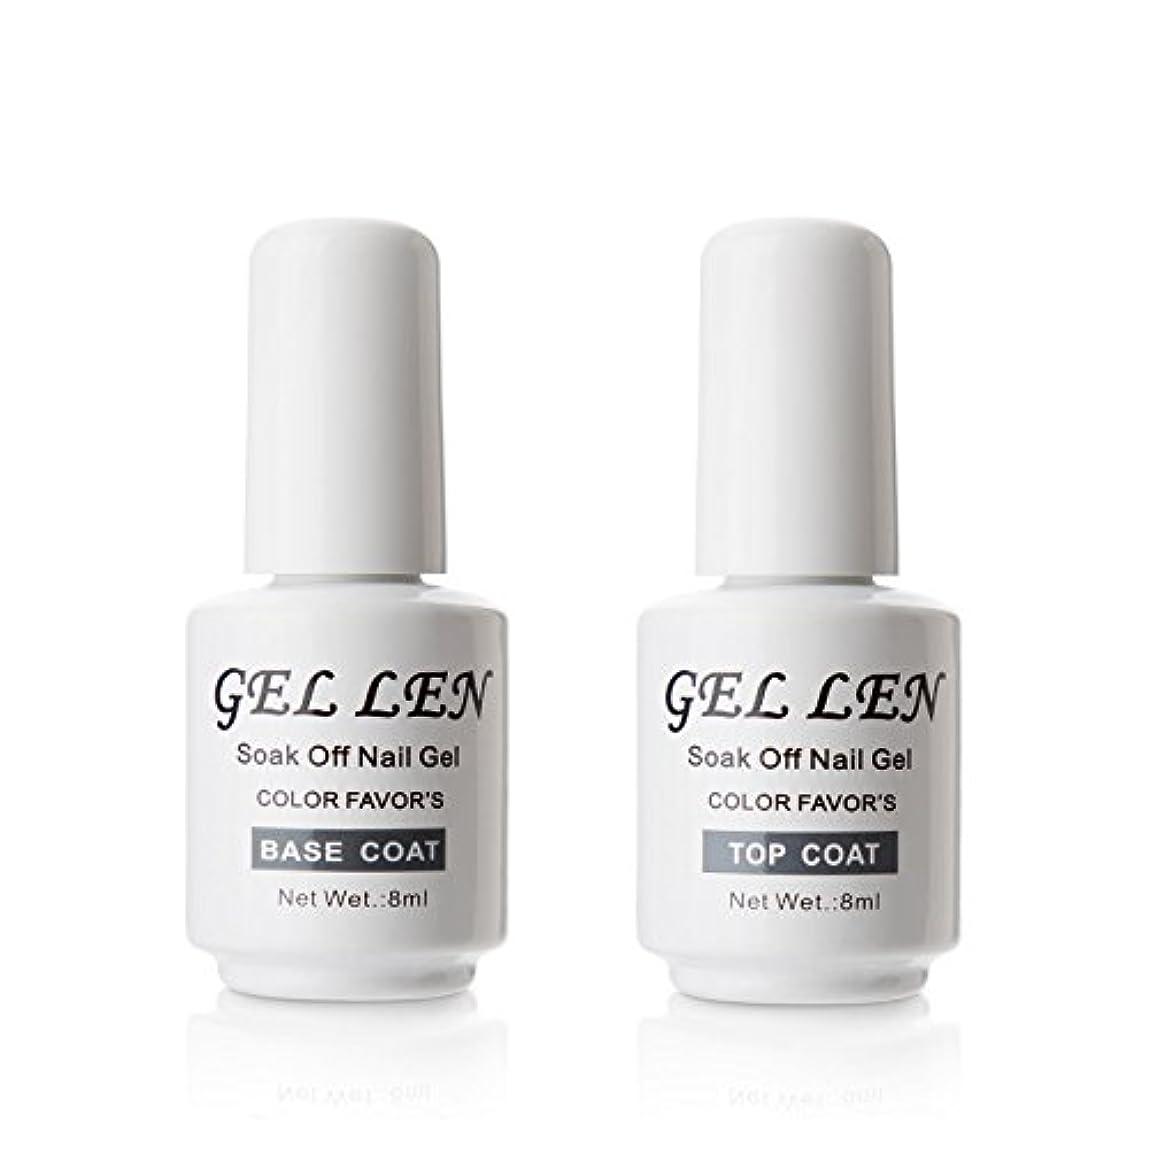 ベルベット厚くする時折Gellen ジェルネイル UV LED ベースコート&トップコート セット 8ml